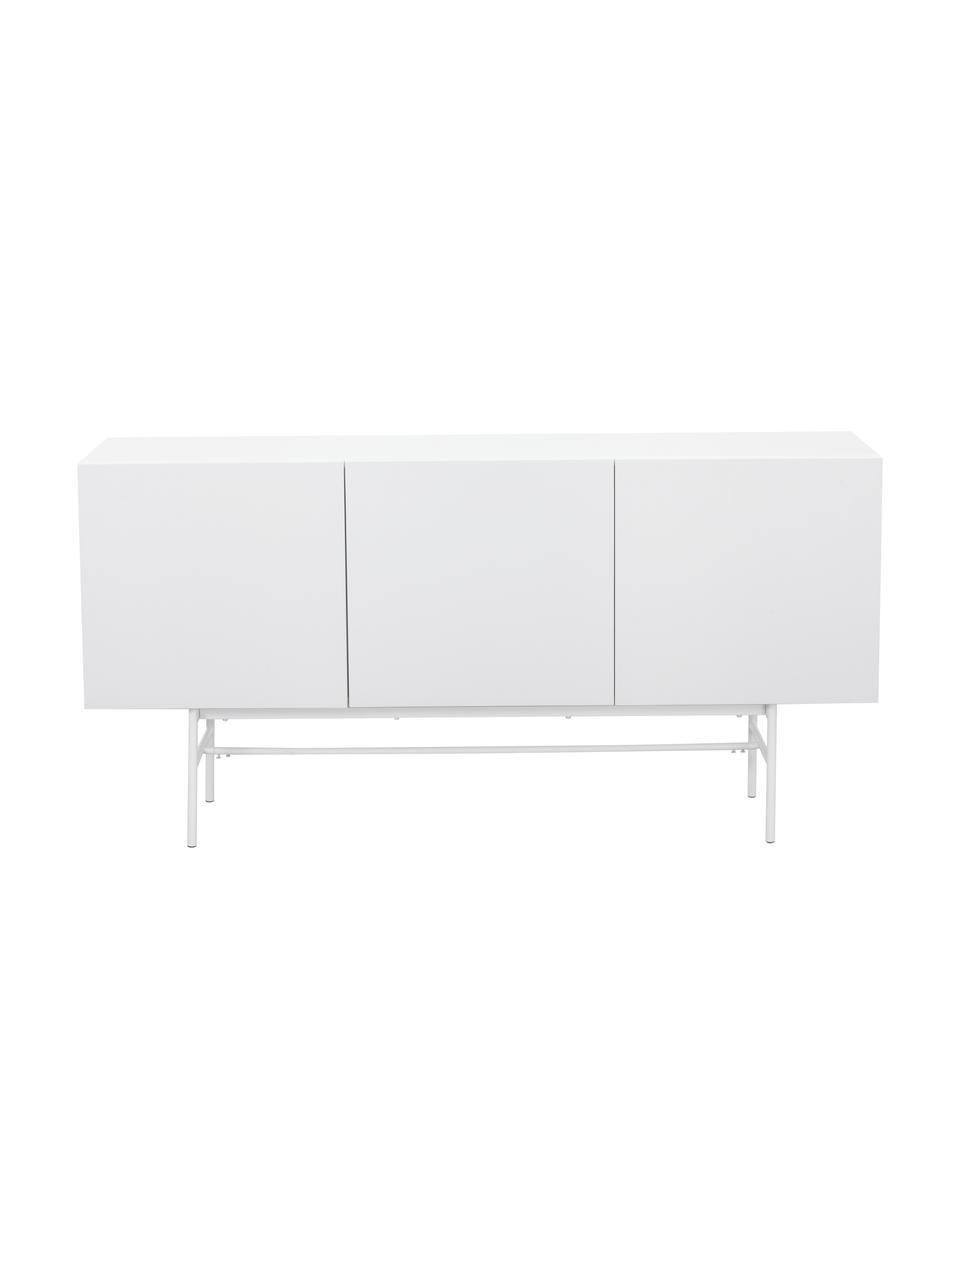 Credenza moderna Anders, Piedini: metallo, verniciato a pol, Corpo: bianco piedini: bianco opaco, Larg. 200 x Alt. 80 cm